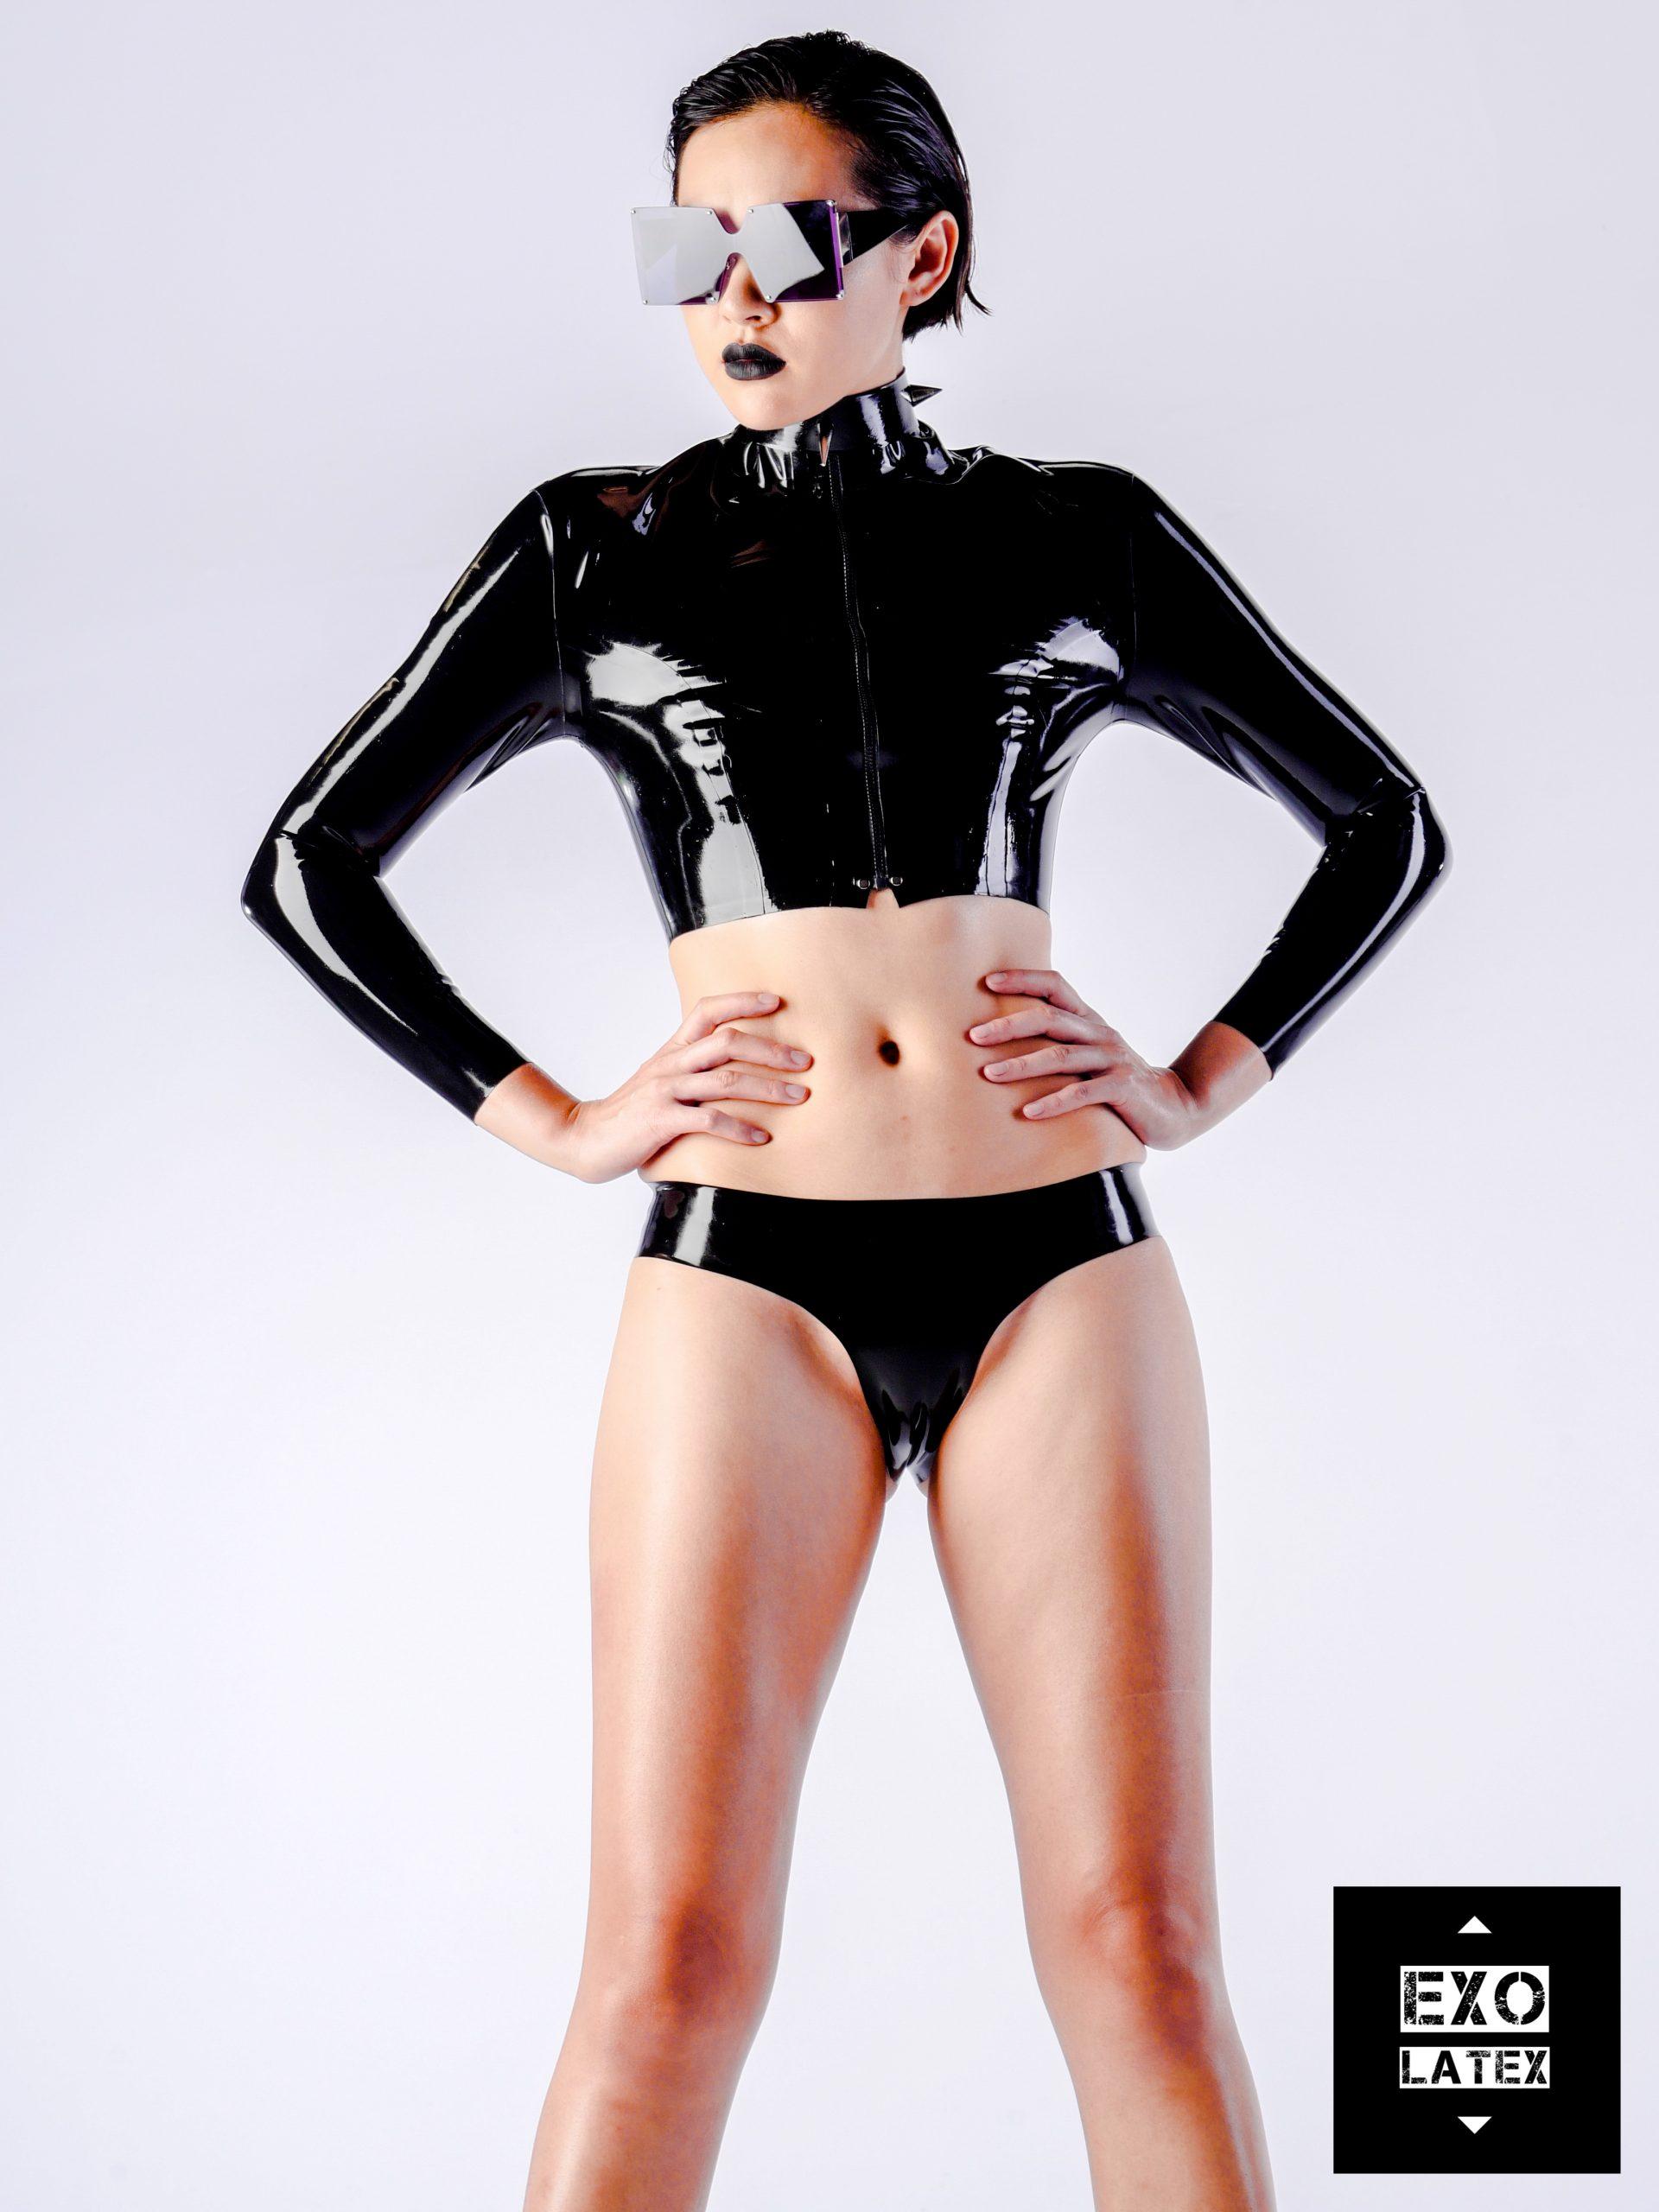 Exo Latex fashion clothing design